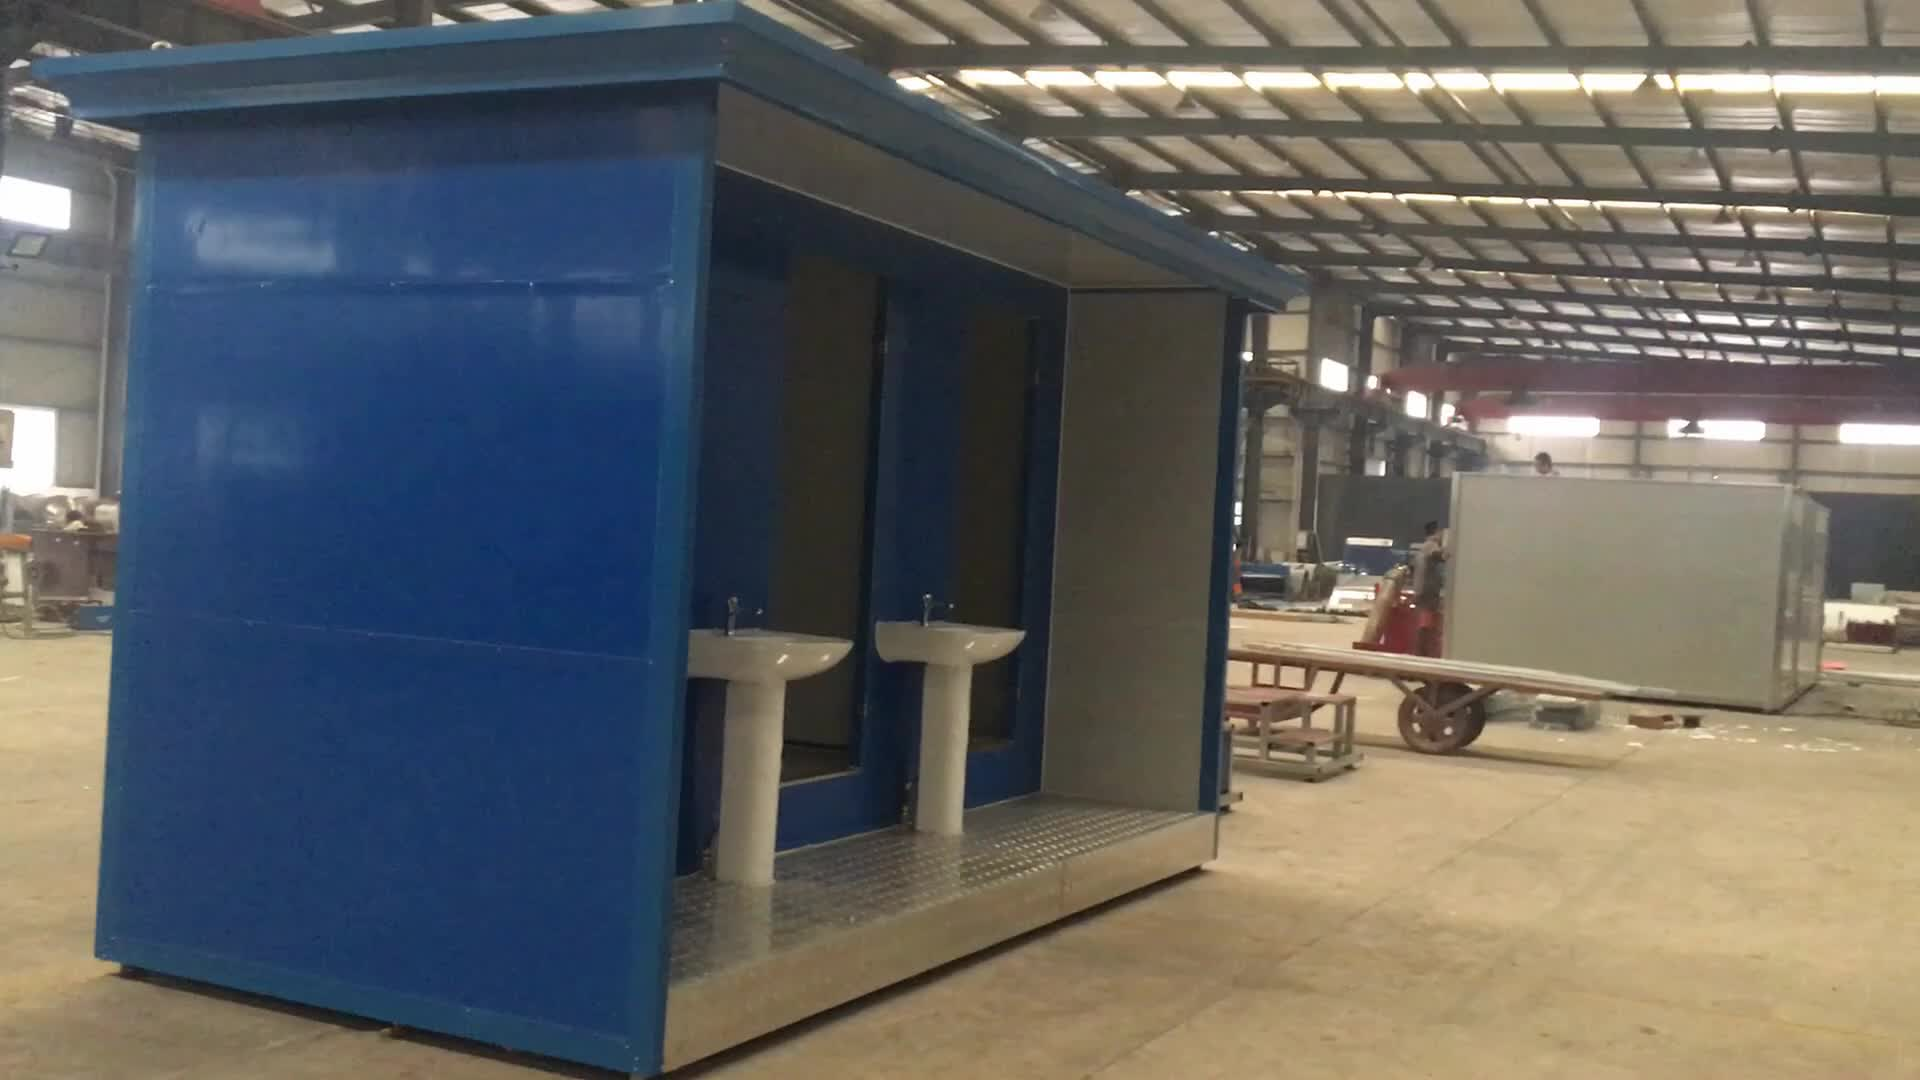 จีนมือถือสาธารณะกลางแจ้งห้องน้ำแบบพกพาสำหรับขาย